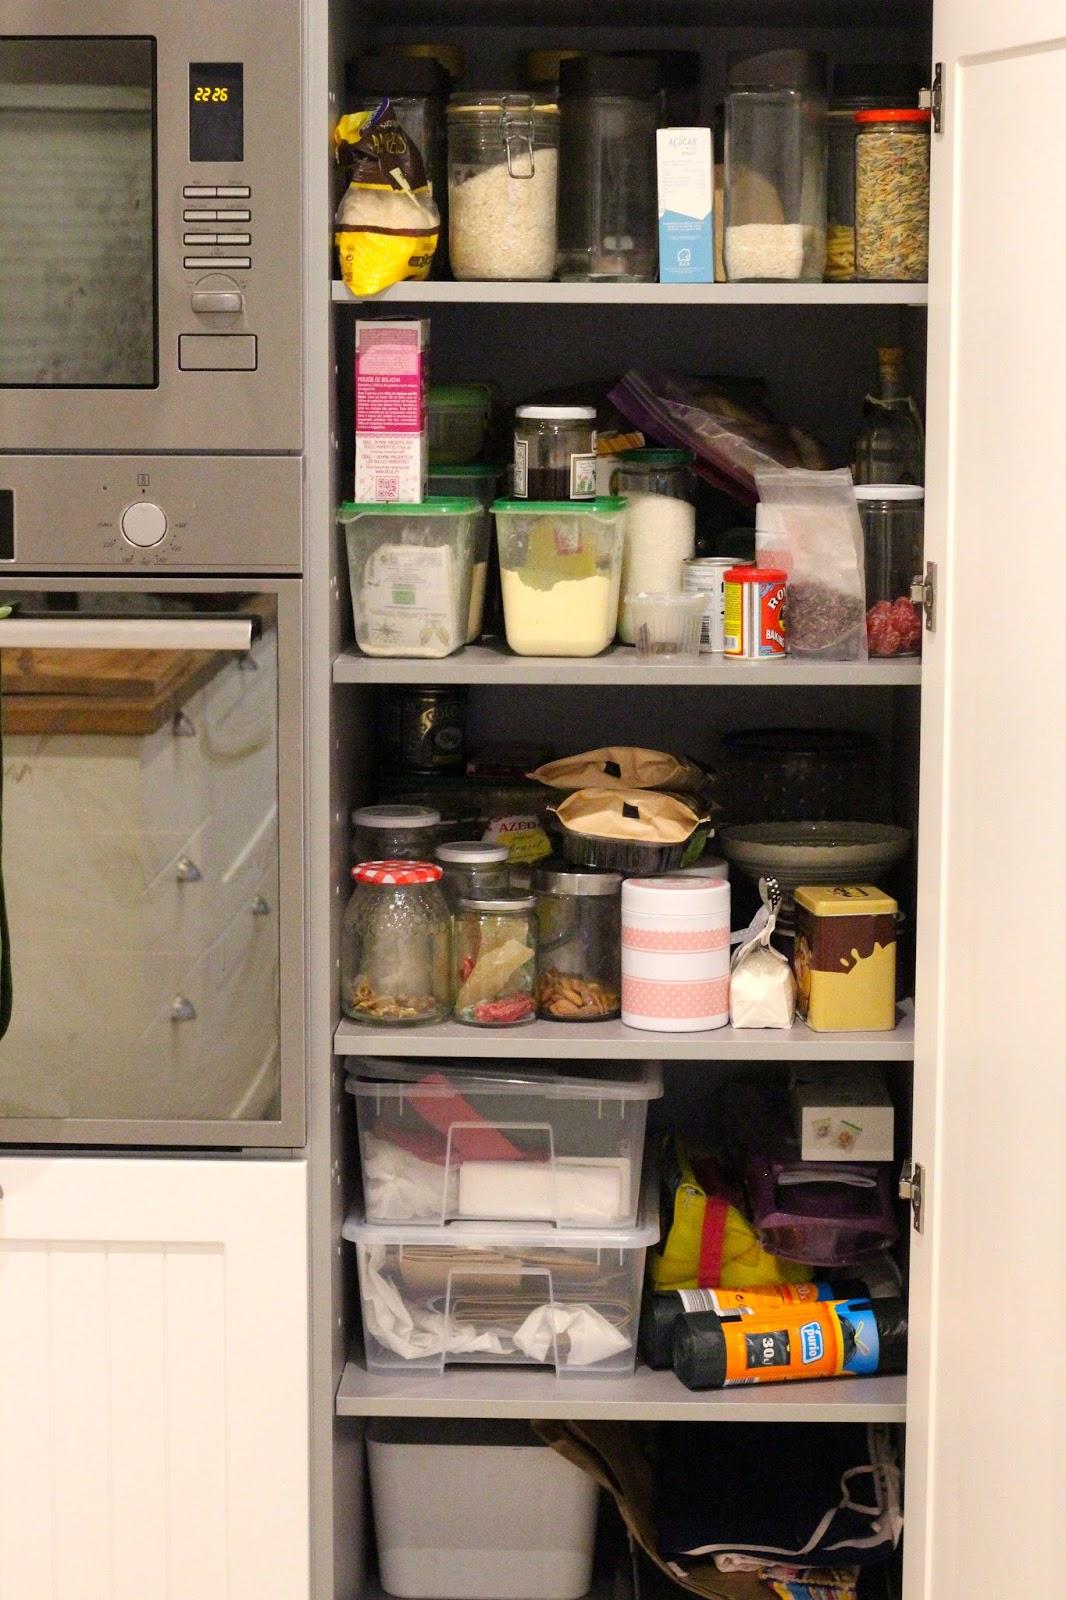 cá de casa: Como conseguir mais e melhor arrumação na cozinha #B99A12 1066 1600